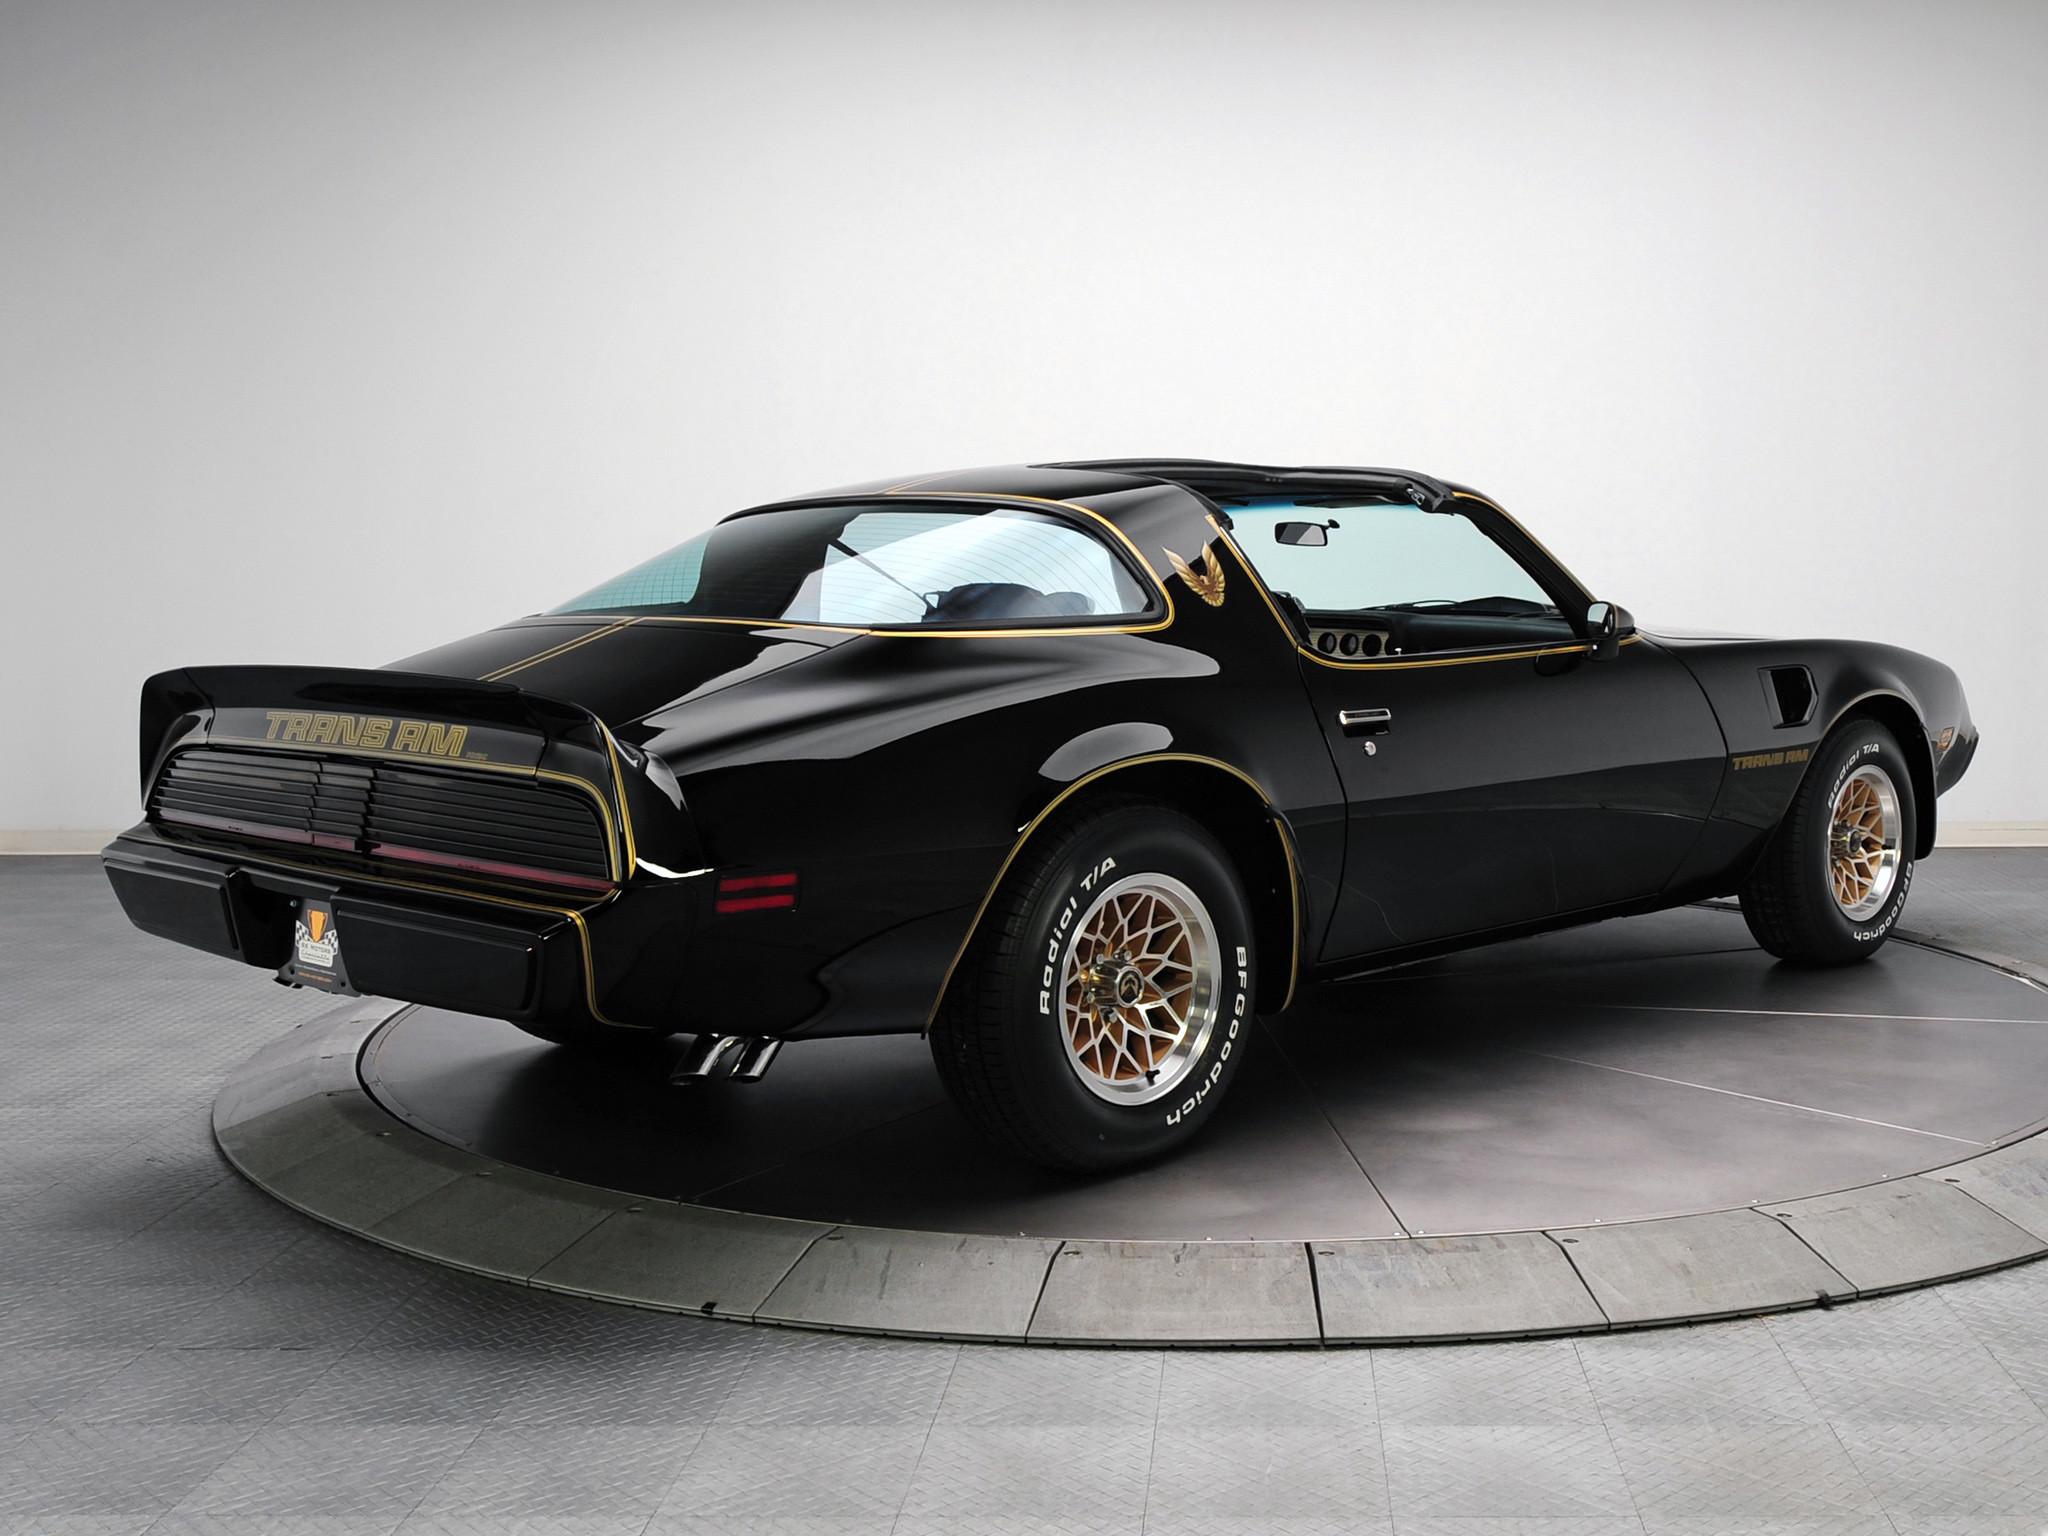 1979 Pontiac Firebird Trans Am T-A 6-6 L78 S-E muscle classic daytona pace  muscle classic g wallpaper | | 94092 | WallpaperUP